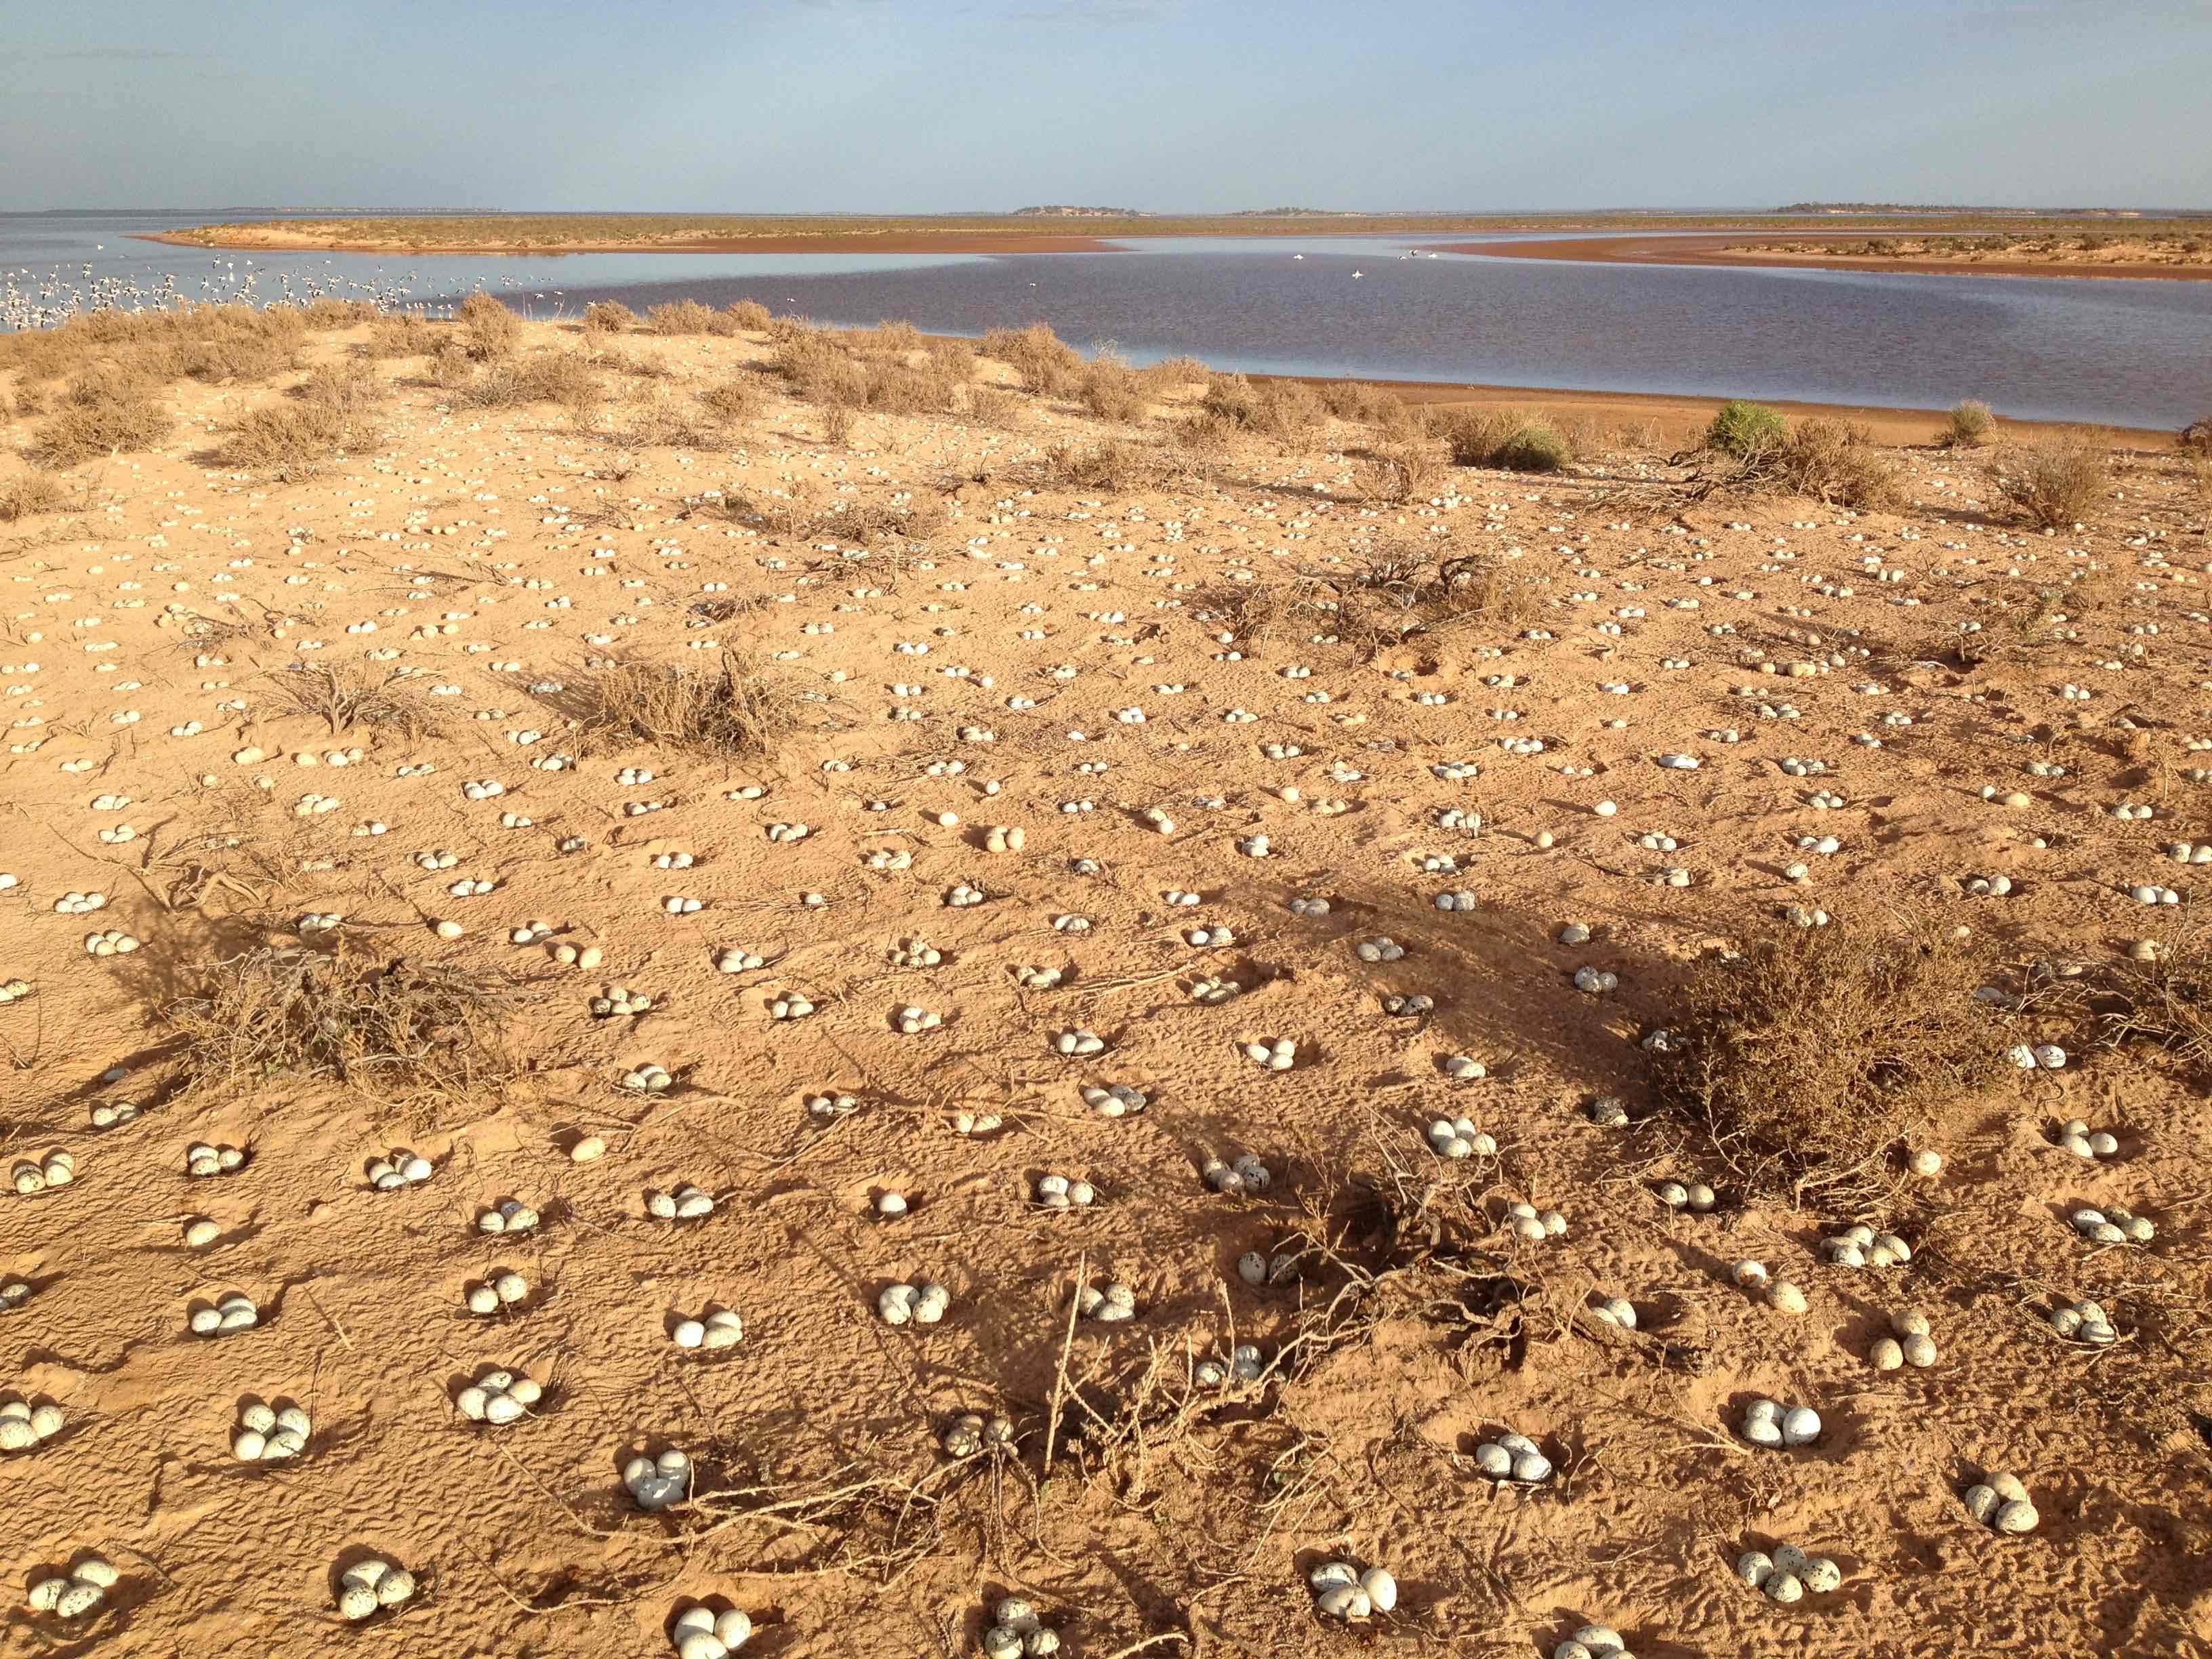 Nests on the bank of Lake Ballard. Credit: Reece Pedler